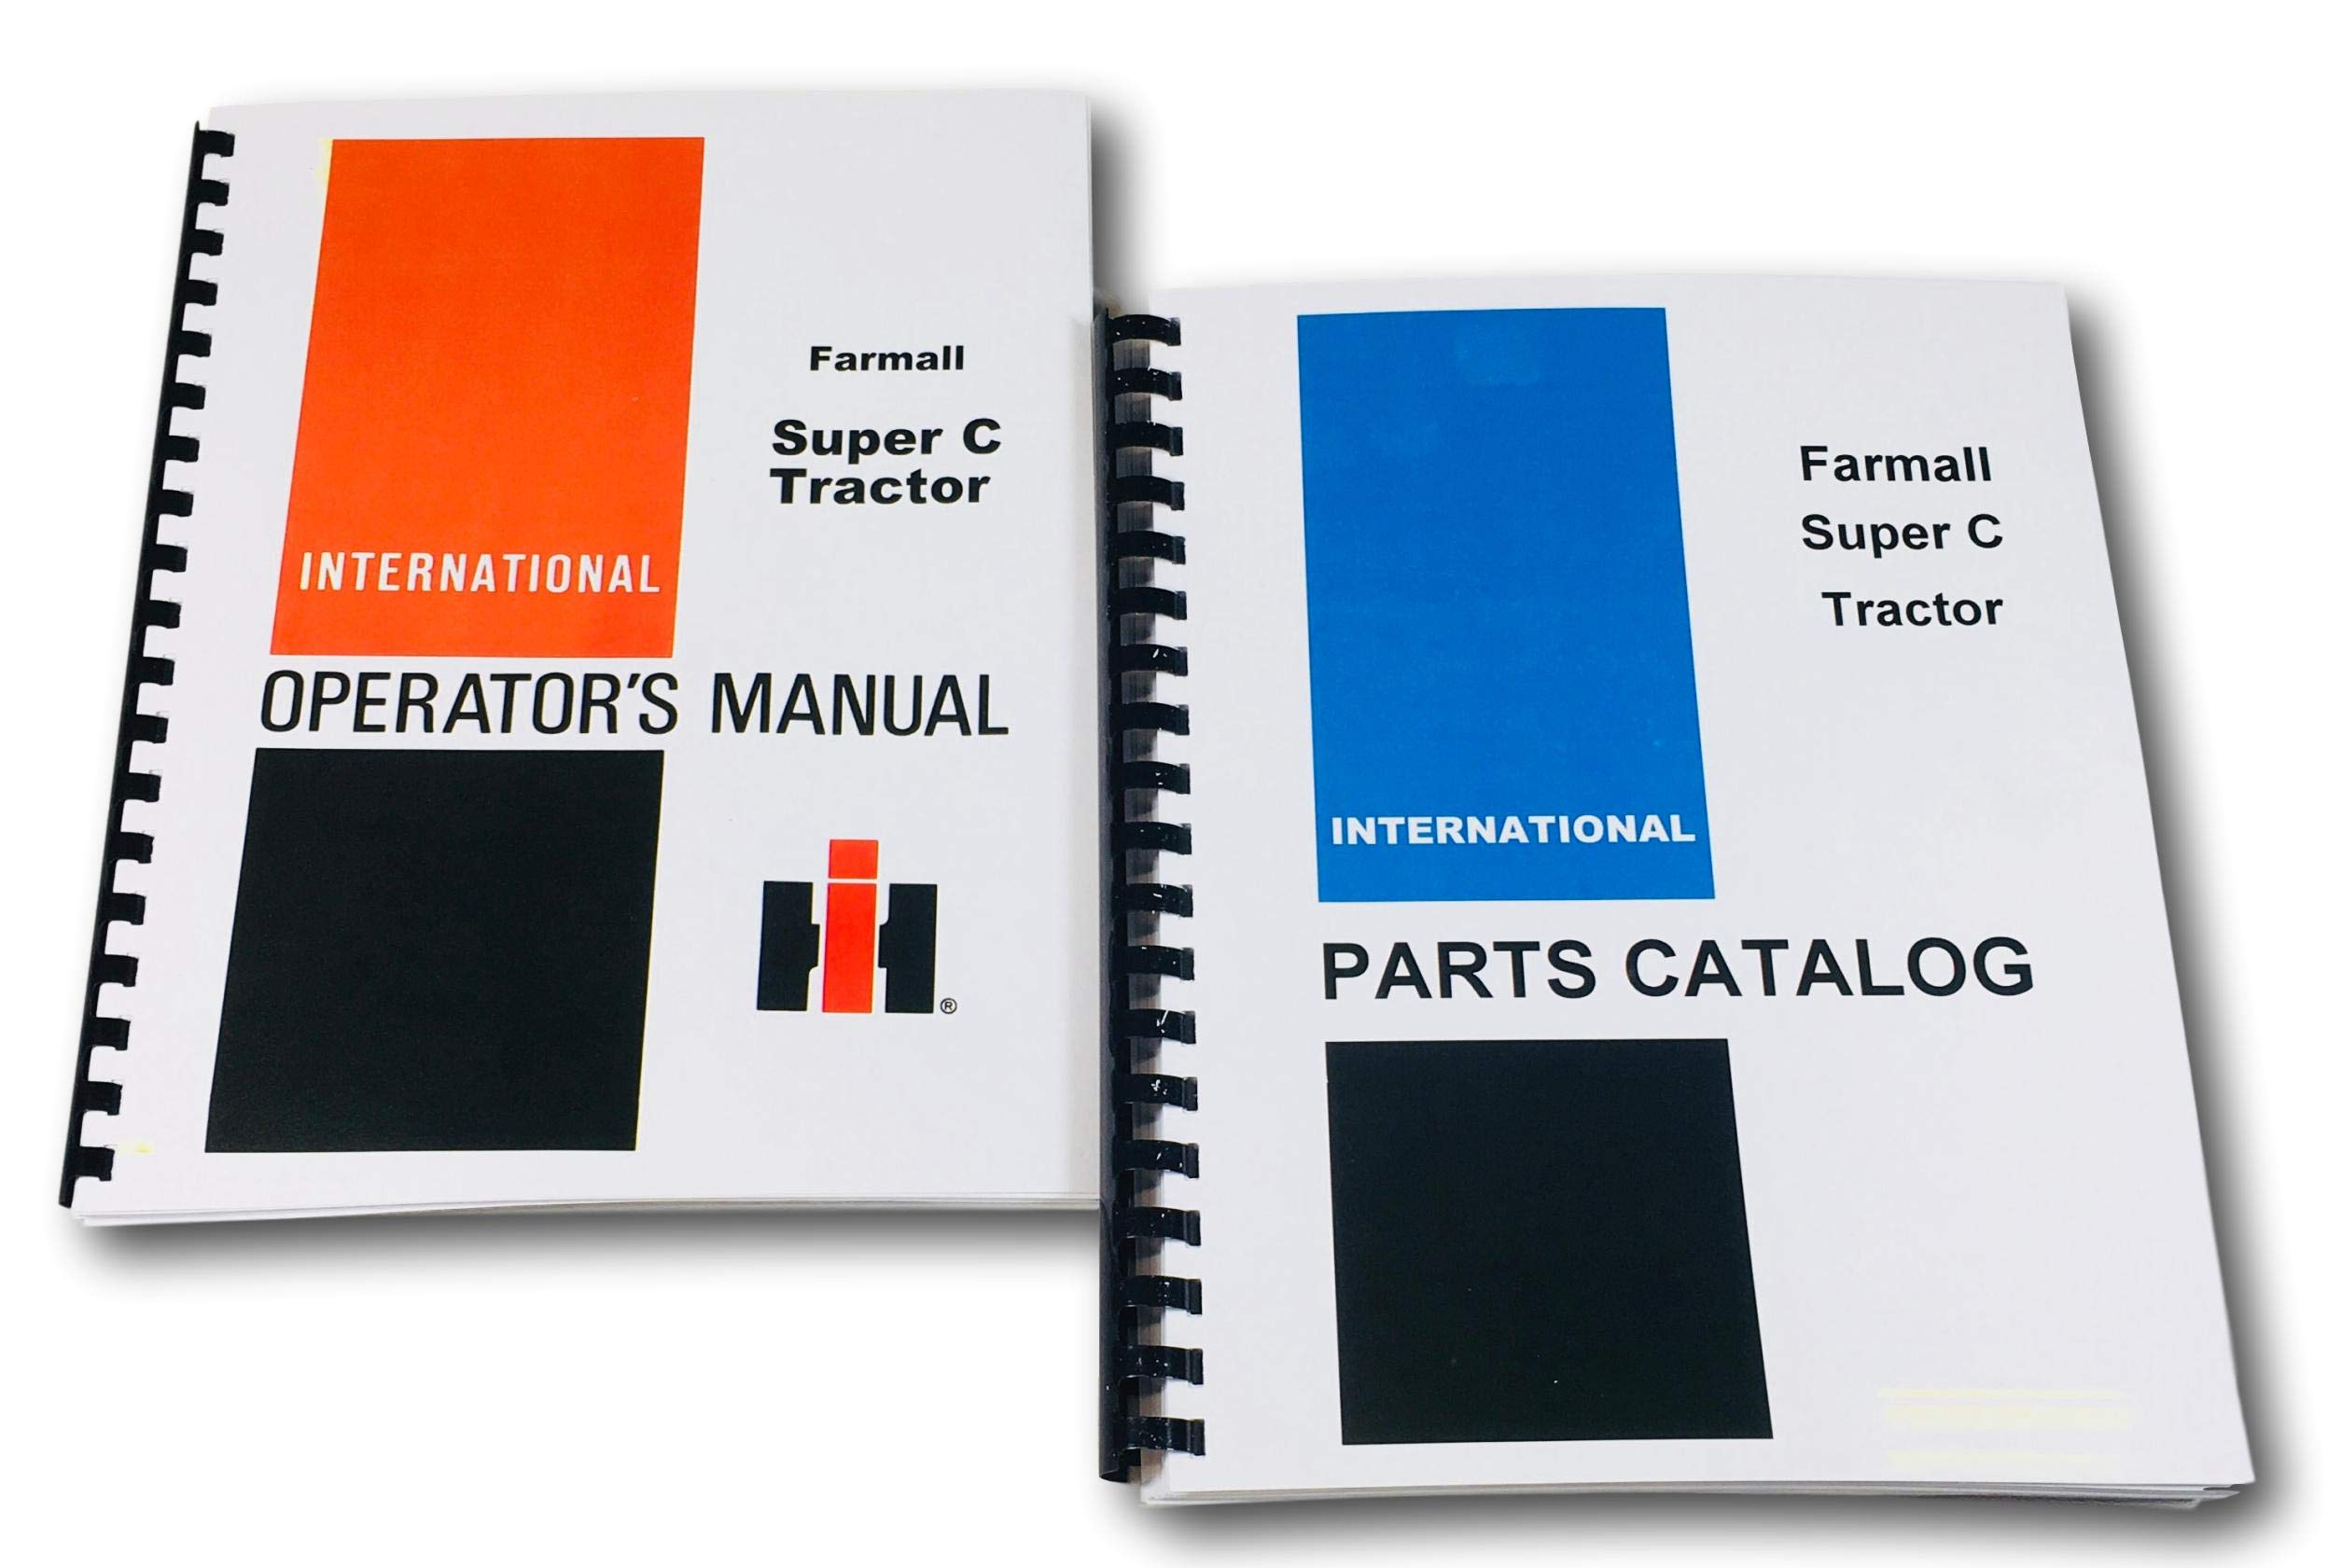 Farmall Super A Parts Diagram - Wiring Diagrams ROCK